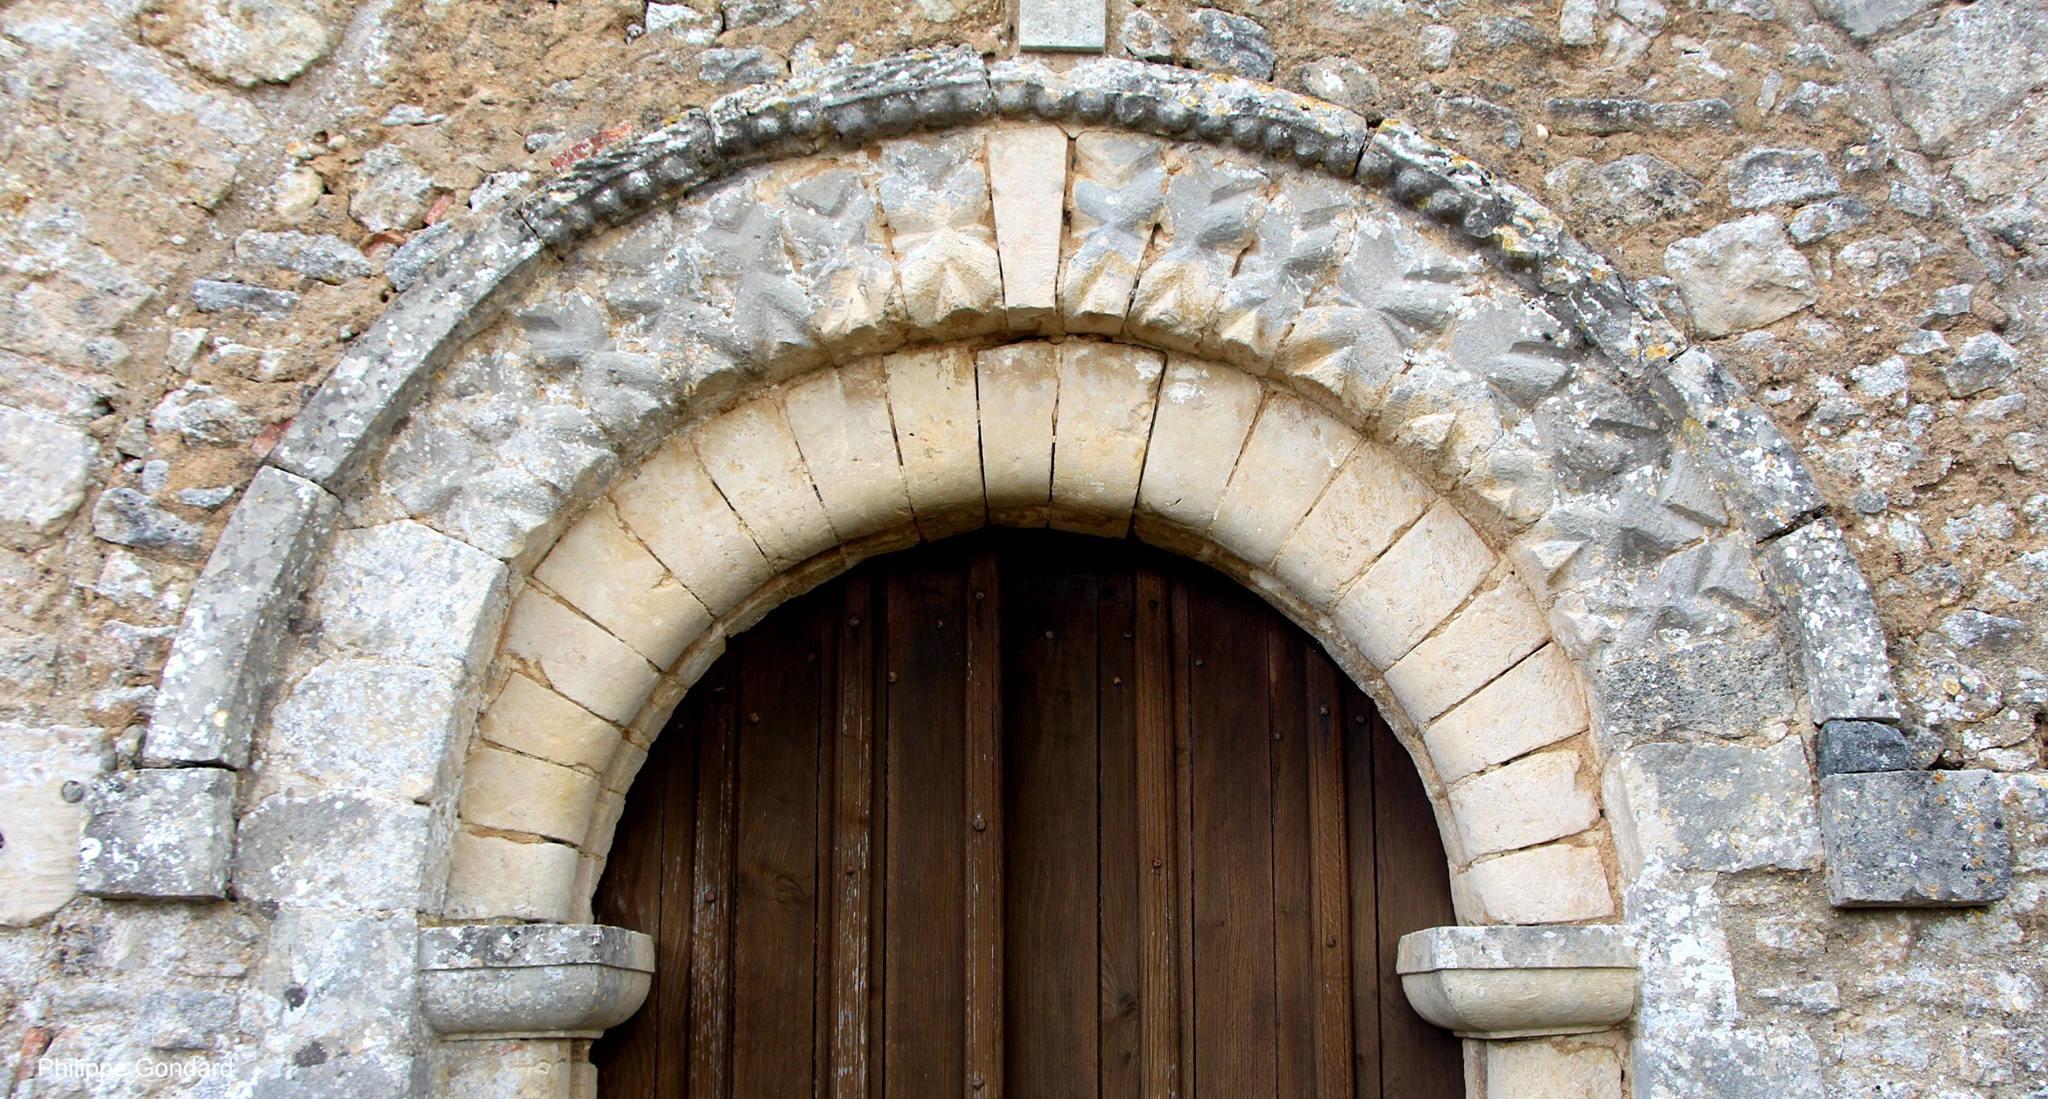 Conlie - Chapelle Saint Hilaire et Saint Eutrope de Verniette 06 - Le portail à dents de scie qui n'est sûrement pas du XIIIème siècle (Philippe Gondard)